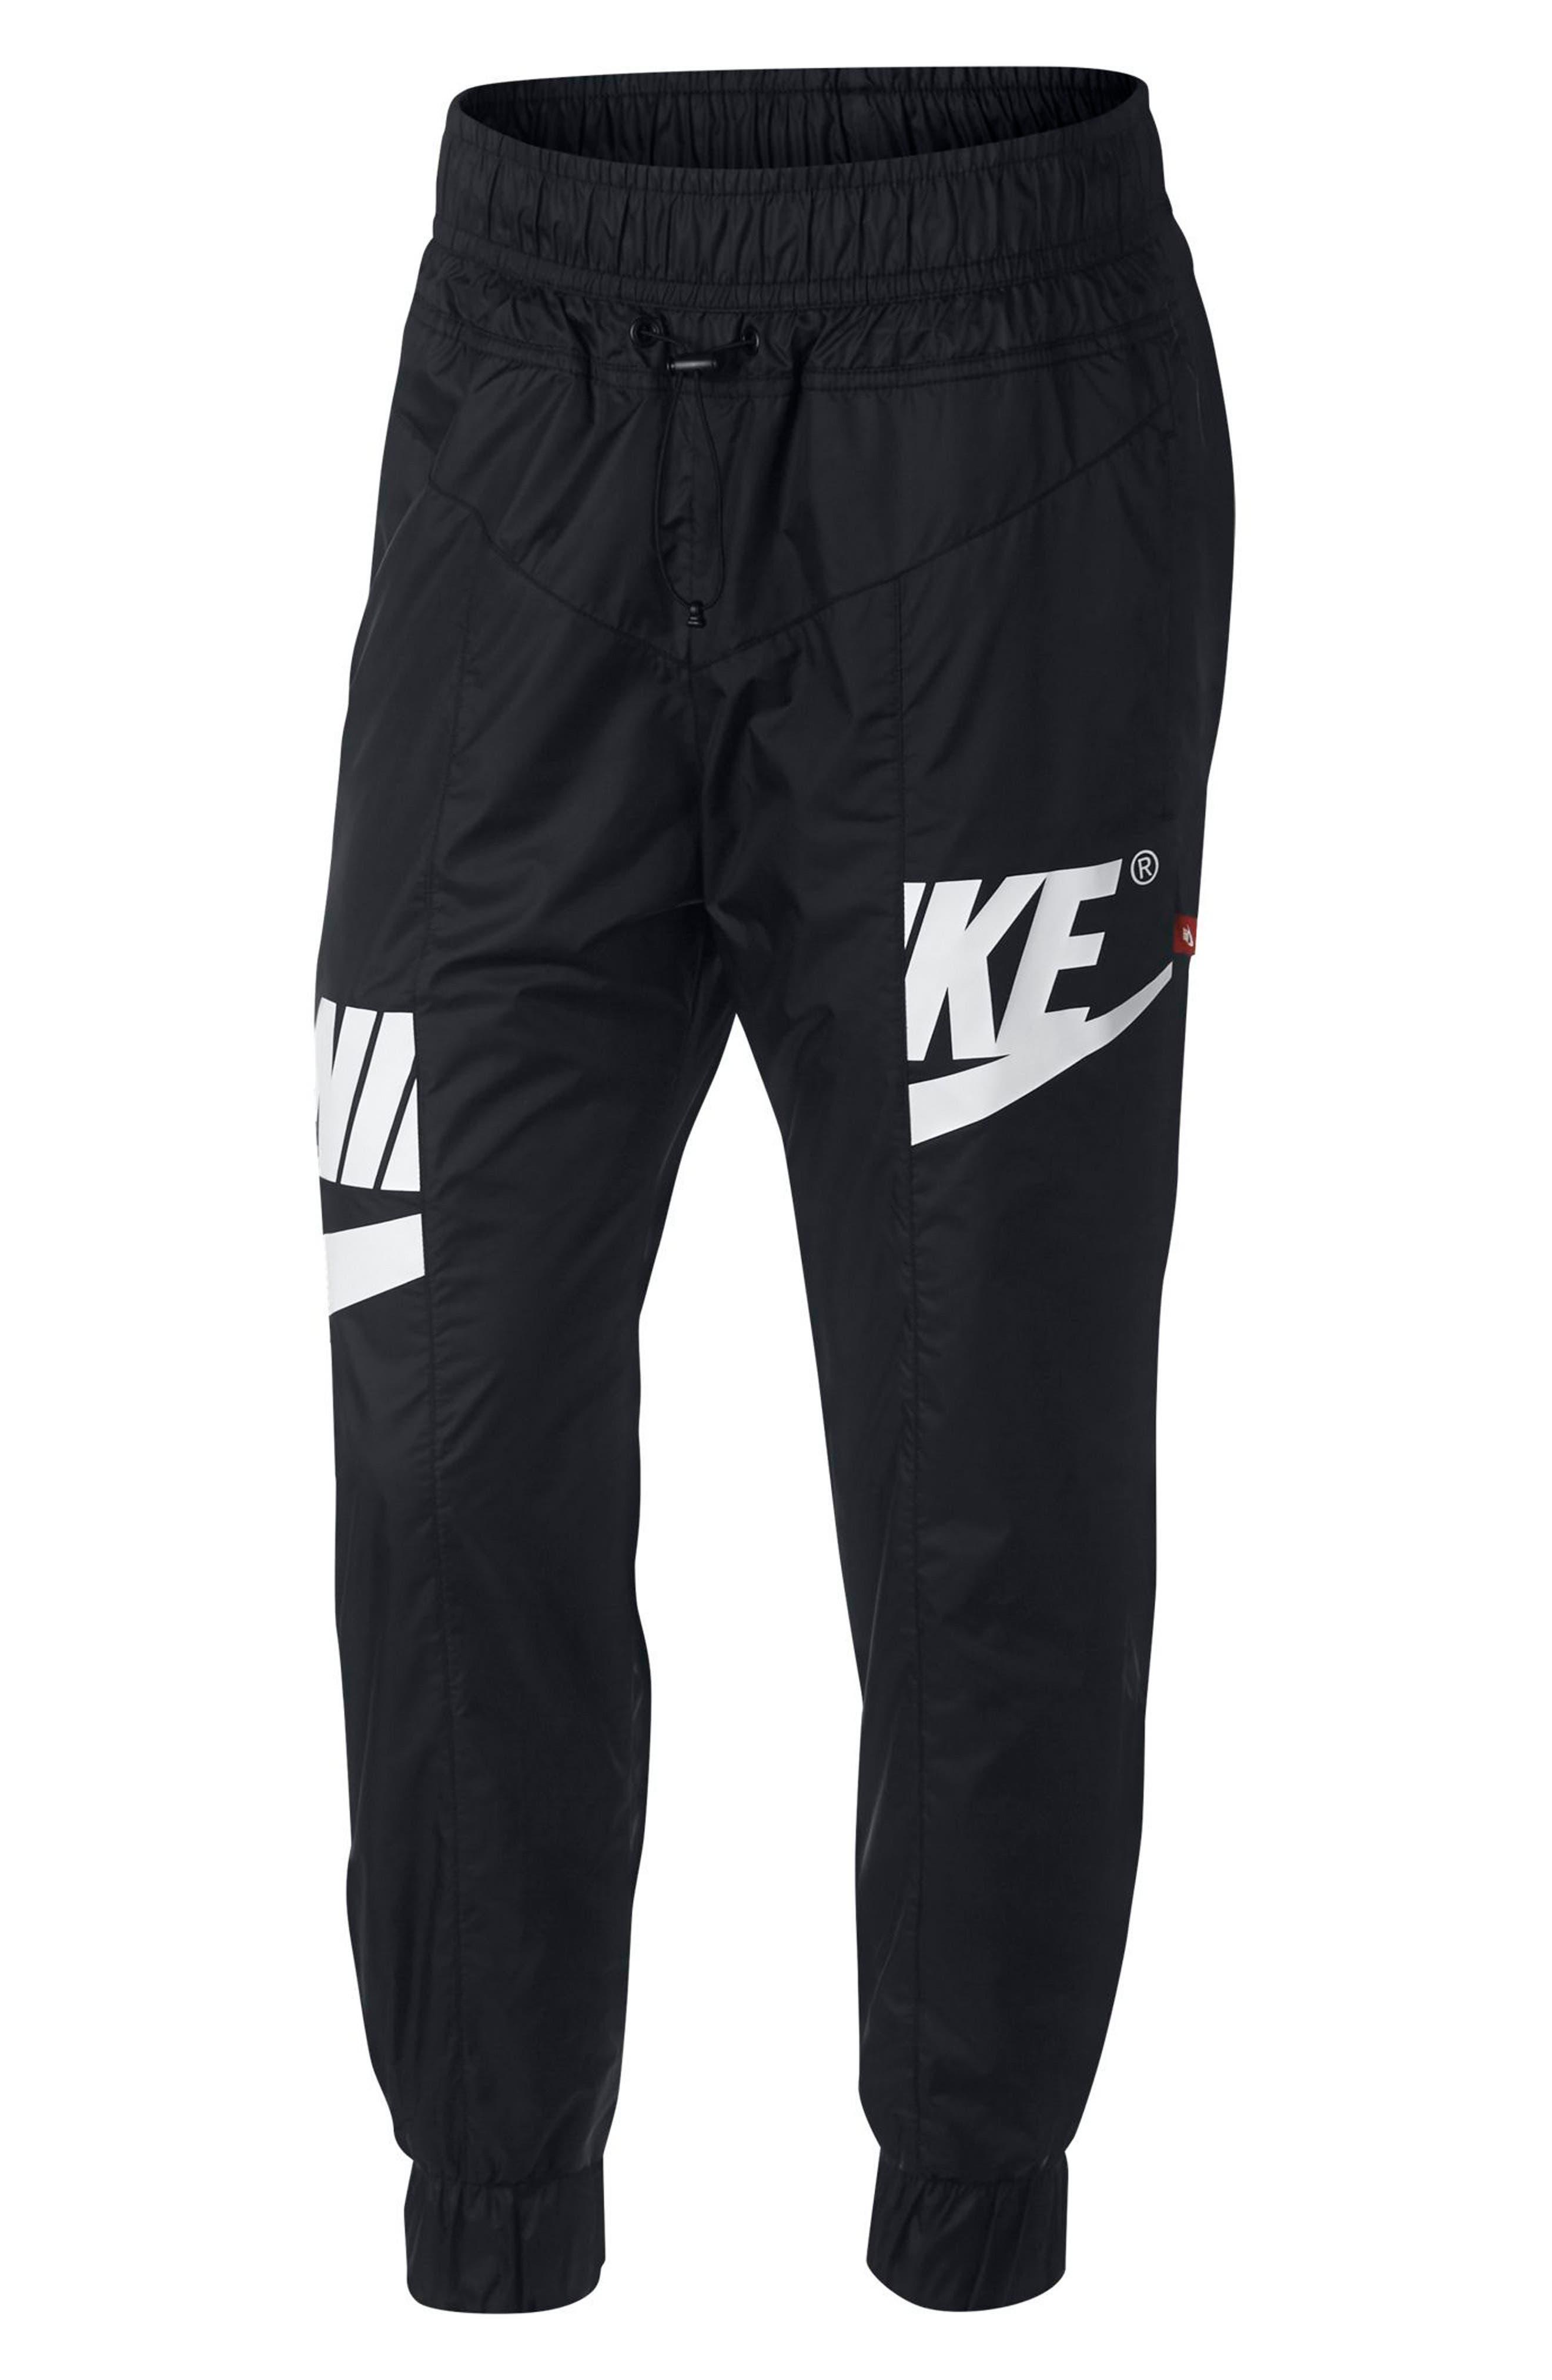 NIKE Sportswear Windrunner Women's Pants, Main, color, 010